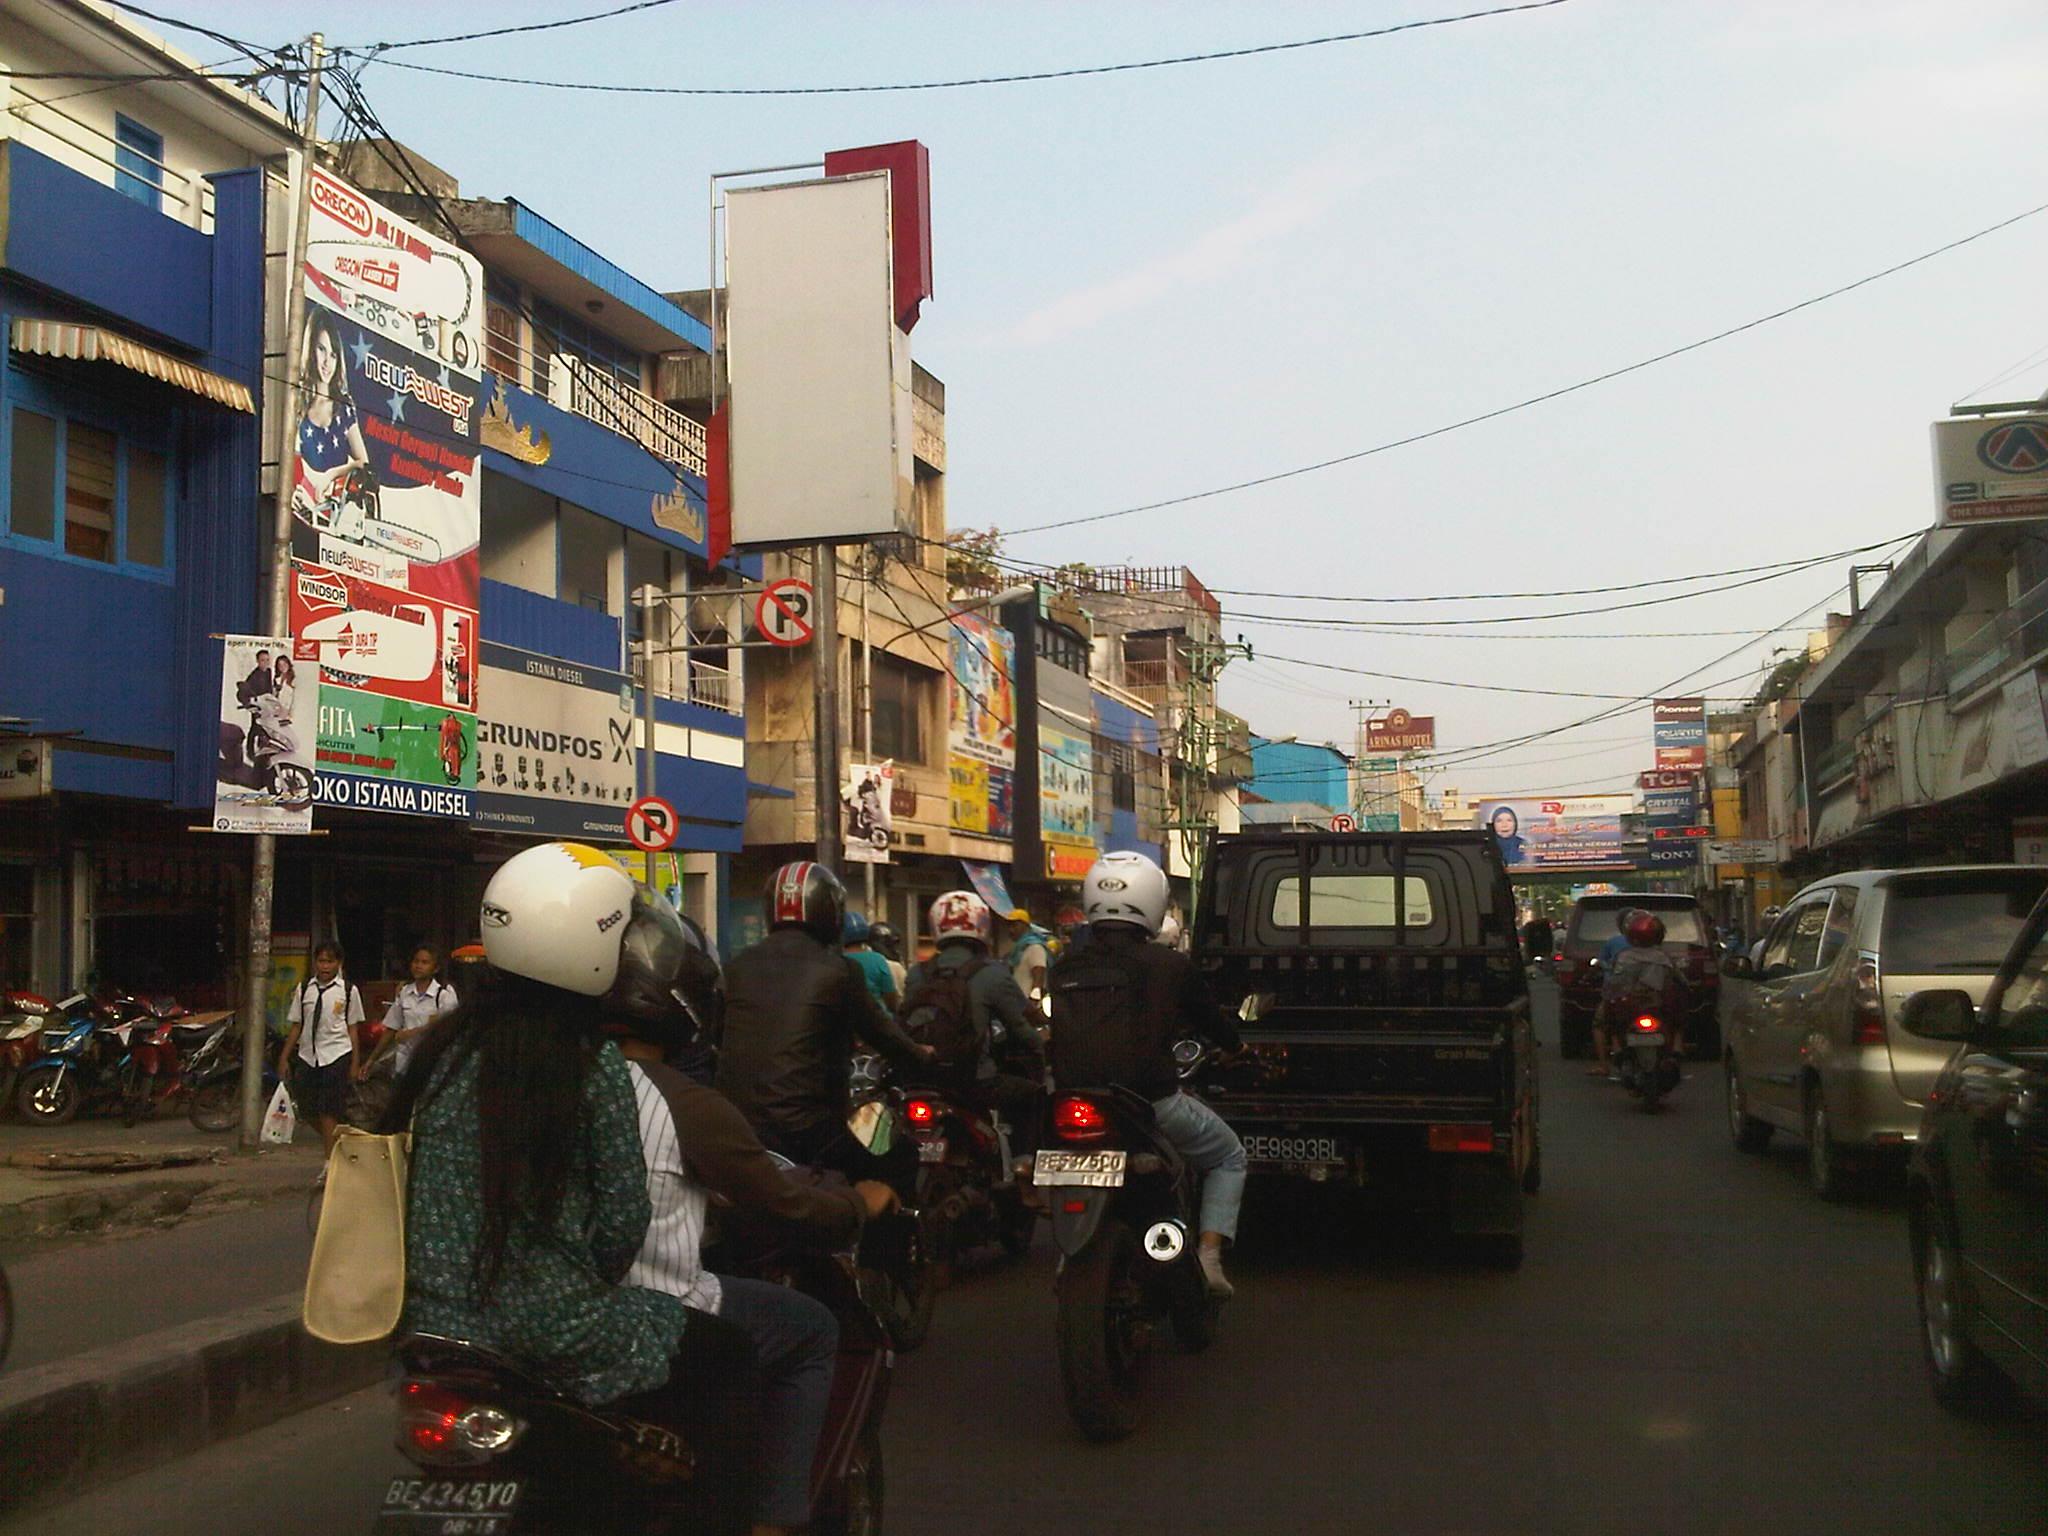 Bandar Lampung Indonesia  City pictures : Motor Pun Meruyak di Lampung | Edo Rusyanto's Traffic